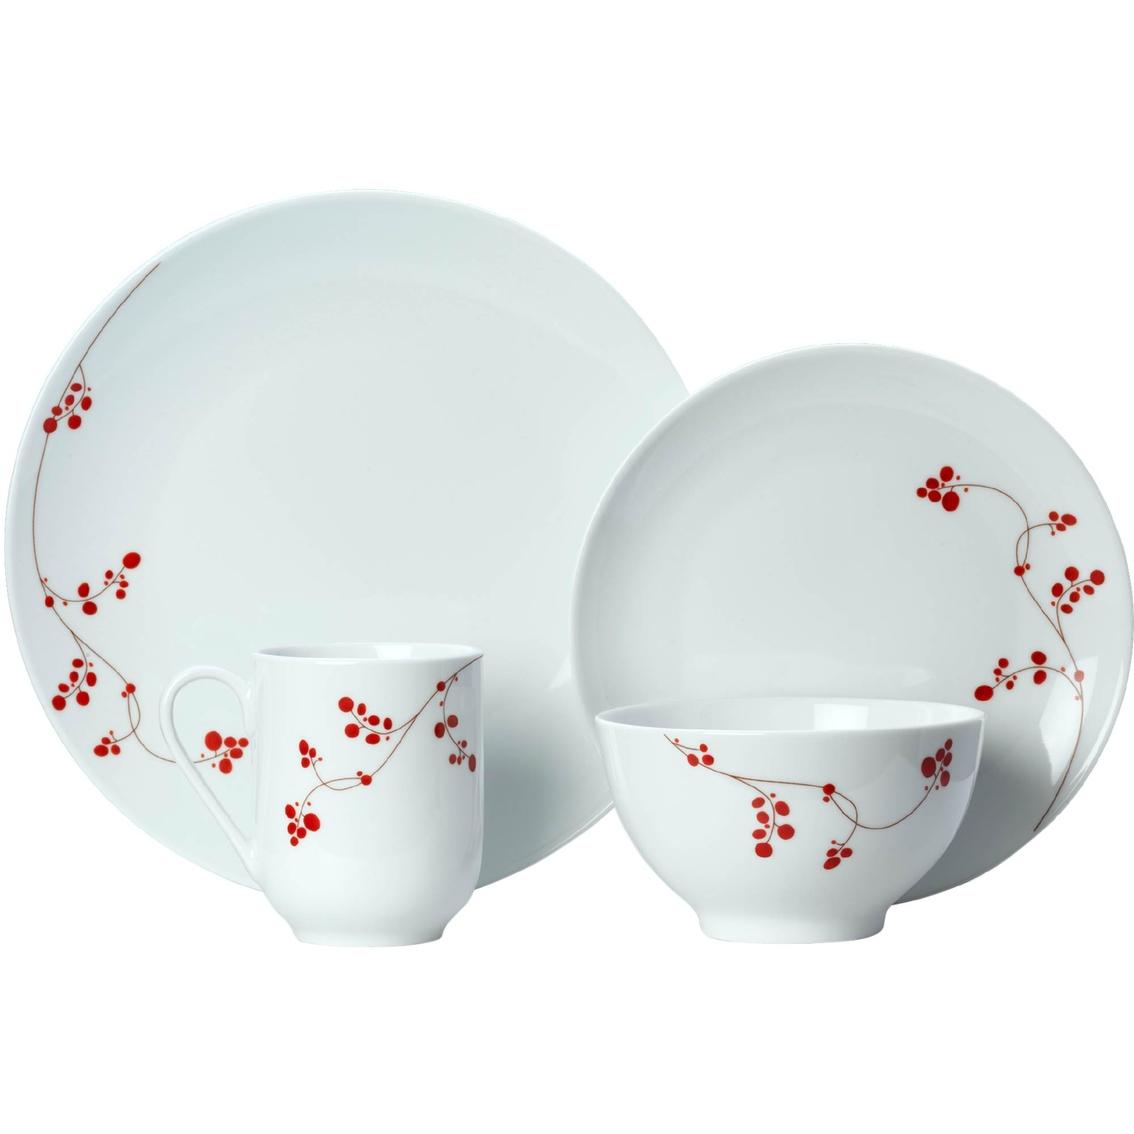 Mikasa Red Berries 16 pc. Dinnerware Set  sc 1 st  ShopMyExchange.com & Mikasa Red Berries 16 Pc. Dinnerware Set | Dinnerware Sets | Home ...